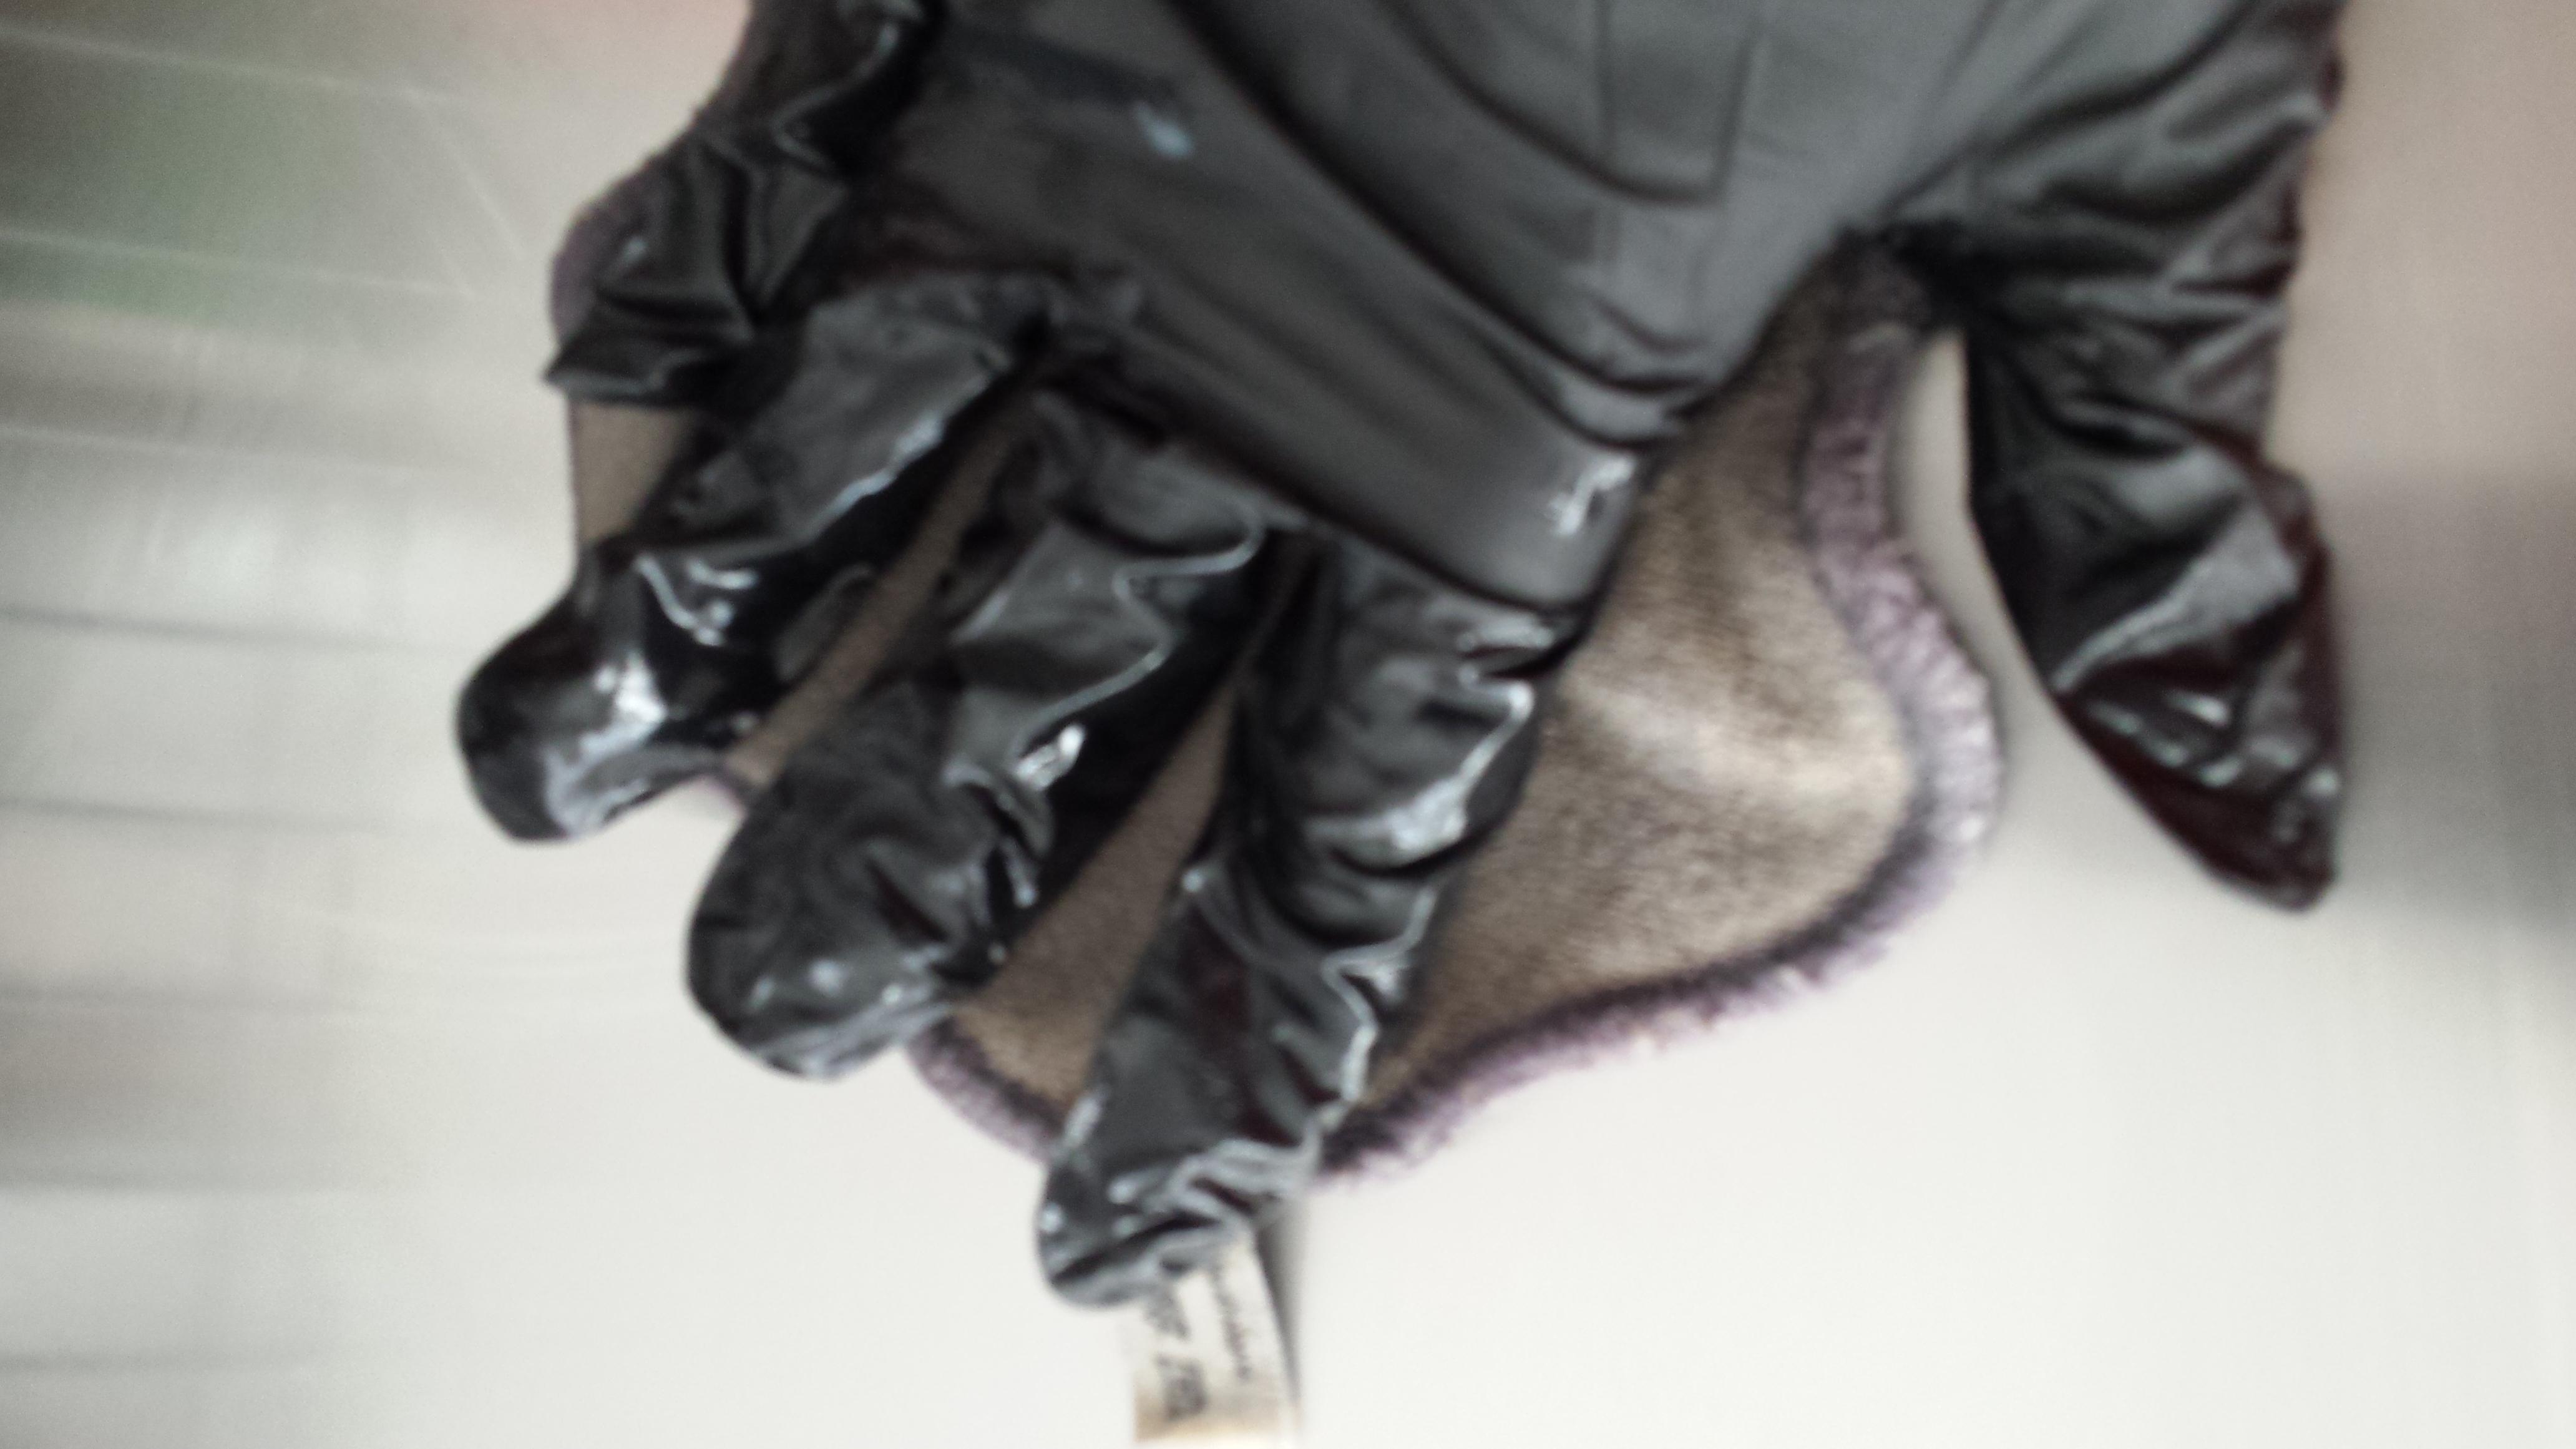 Reinigung edelstahl dunstabzugshaube handelsvertretung purmann